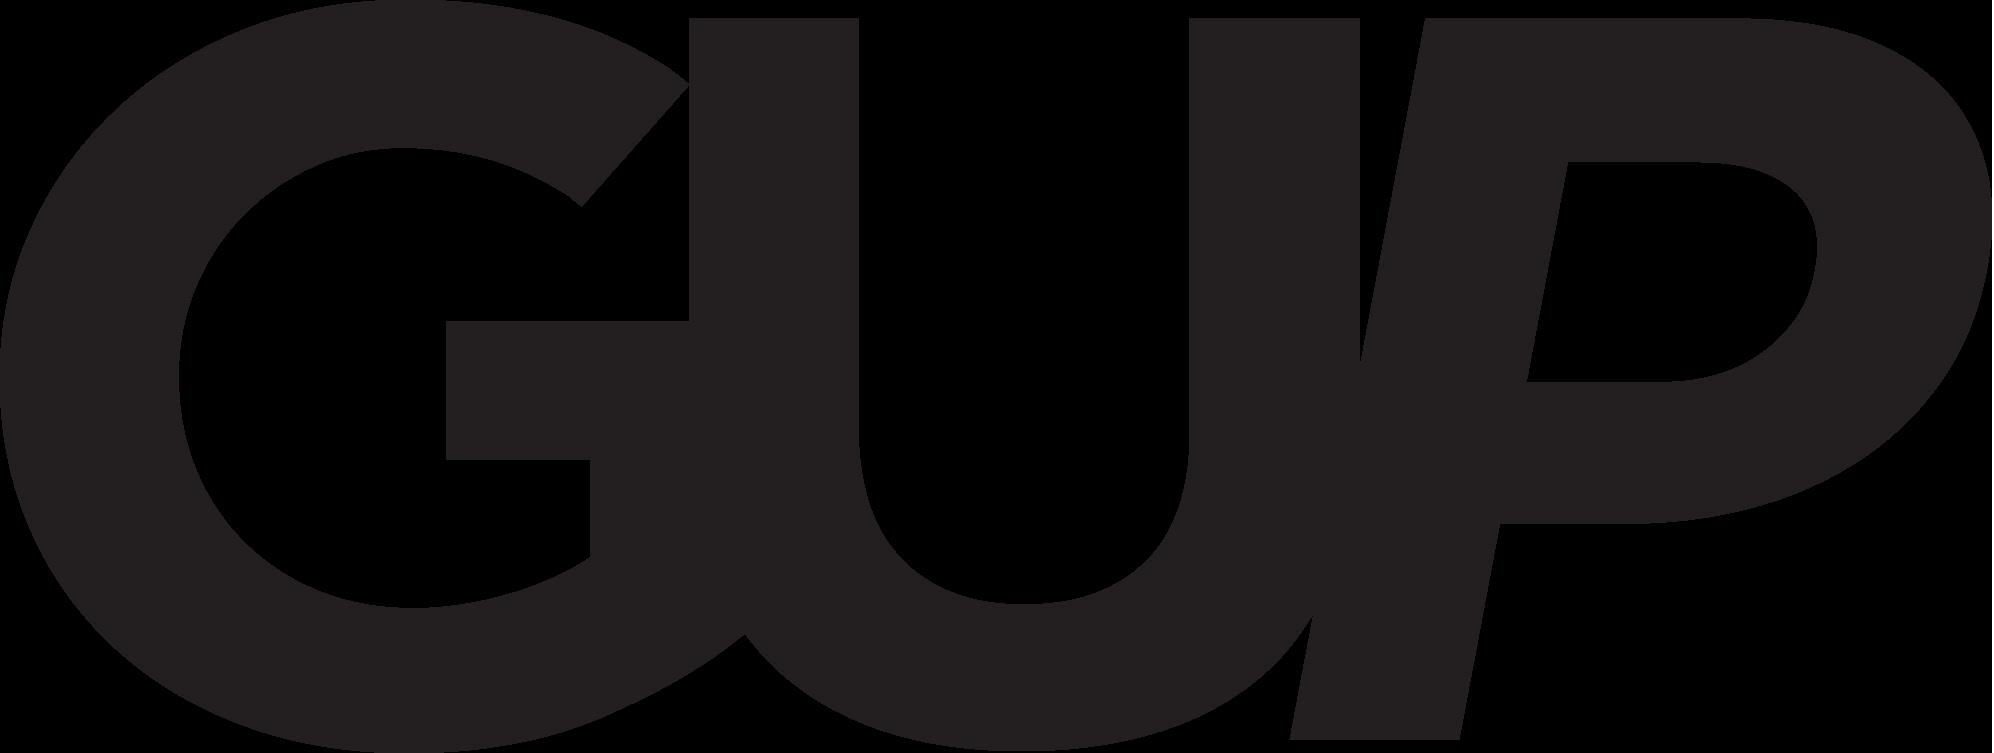 GUP Logo 2015 - Black.png